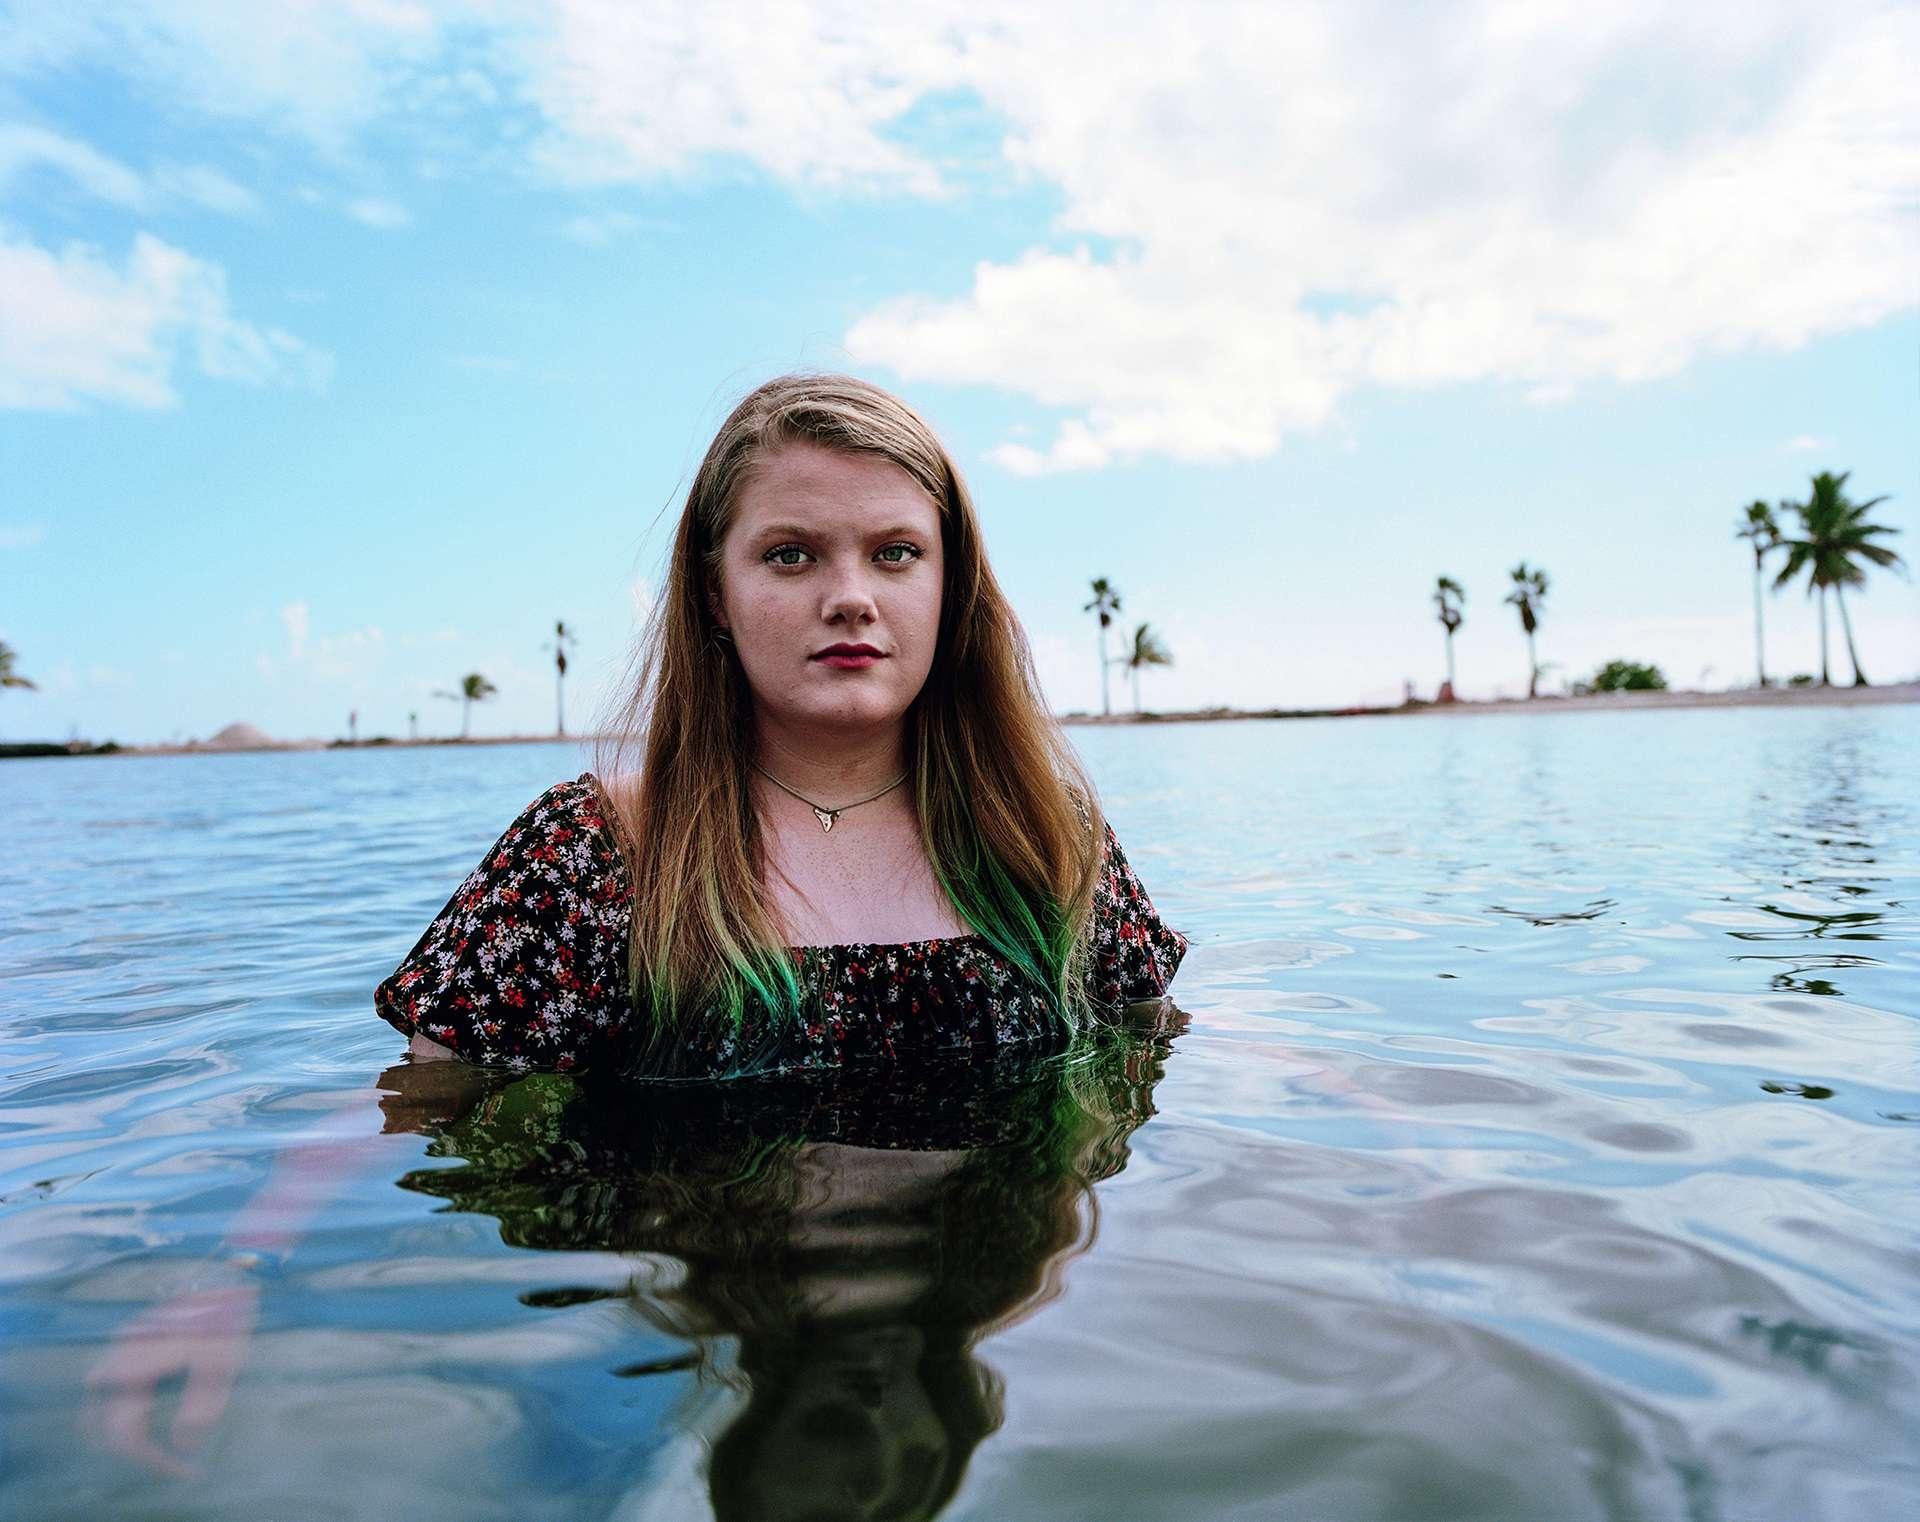 20歲的德蕾妮.雷諾茲身高157公分。她在演說中總會提到,在她60歲的時候,她的家鄉佛羅里達州的海平面將上升至她的腰部。在她100歲的時候,海平面將遠高過她的頭頂。清楚明瞭。「小孩都懂。」她說。PHOTO: VICTORIA WILL